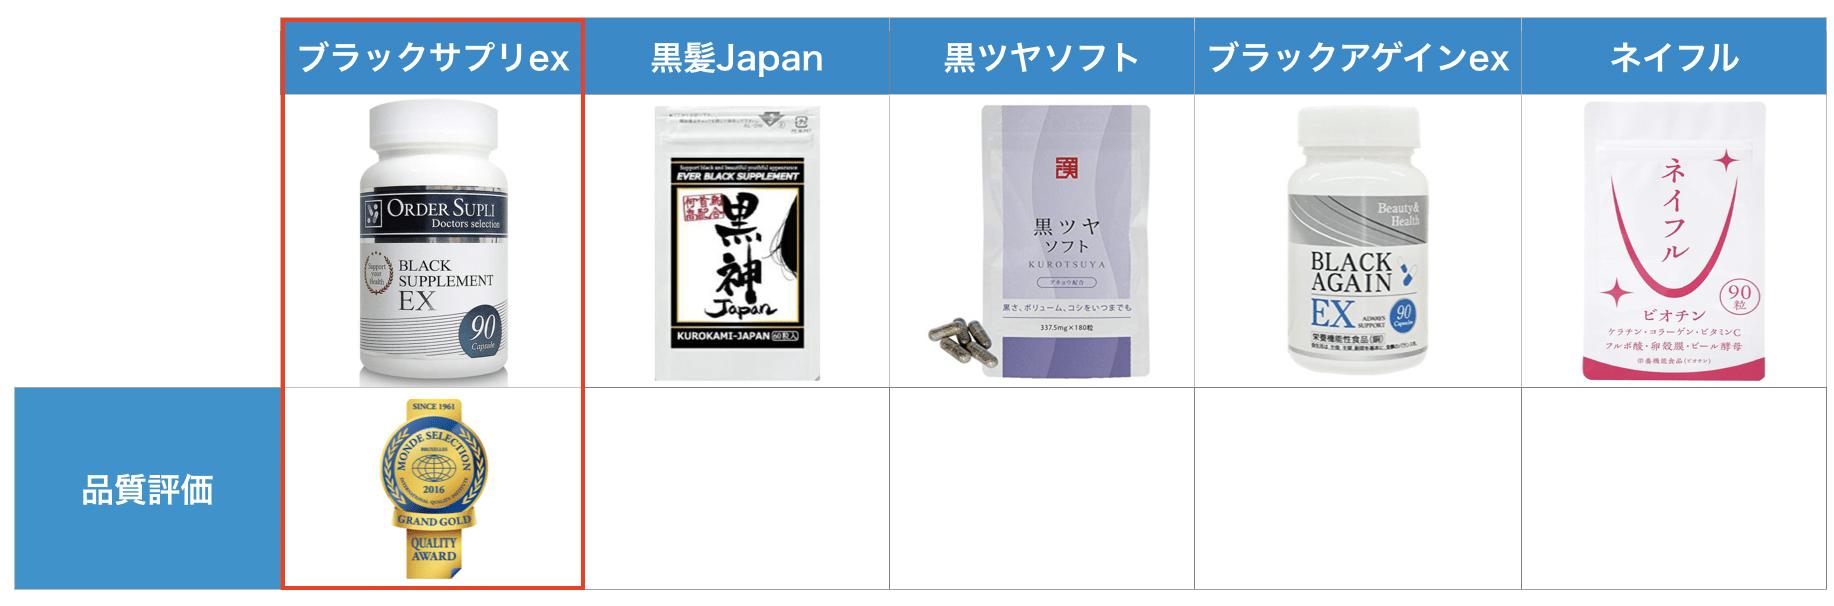 ブラックサプリex・黒髪Japan・黒ツヤソフト・ブラックアゲインex・ネイフルを比較